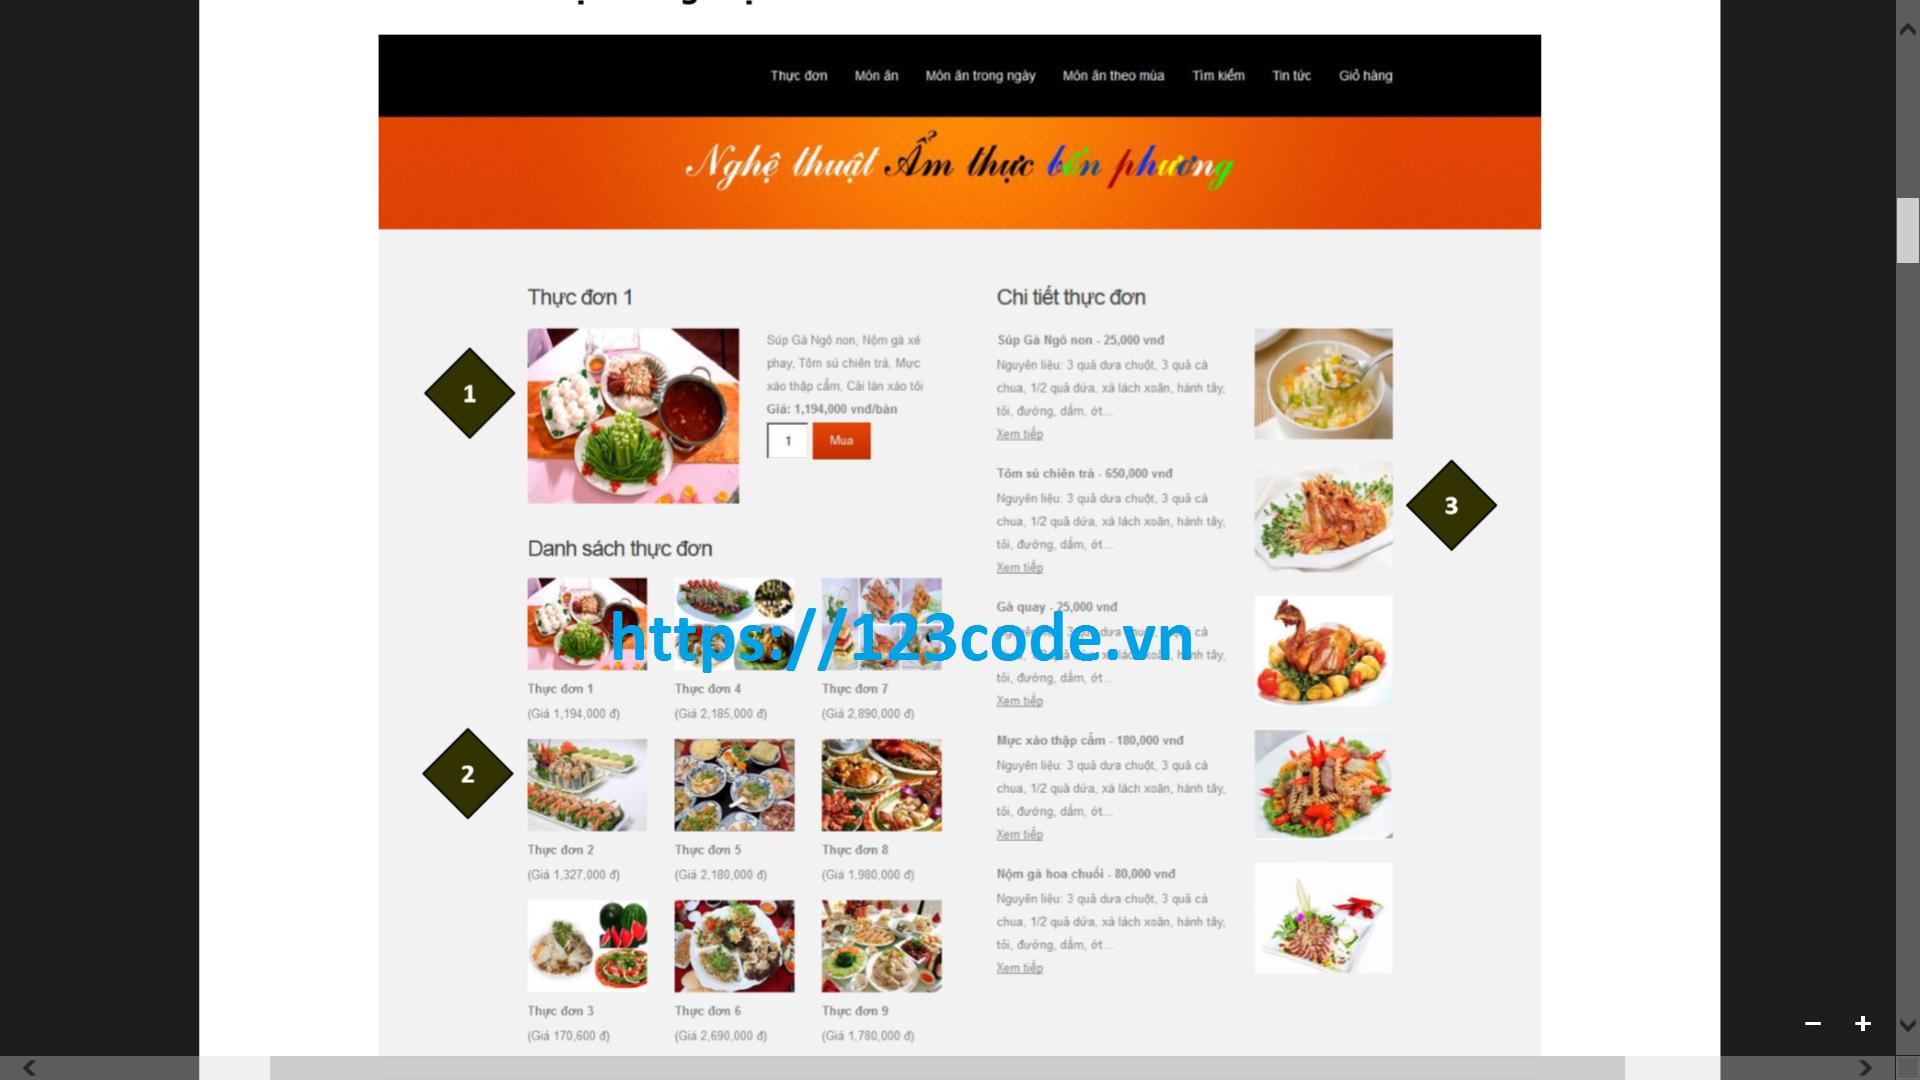 Share source code kèm báo cáo website quản lý nhà hàng php thuần miễn phí